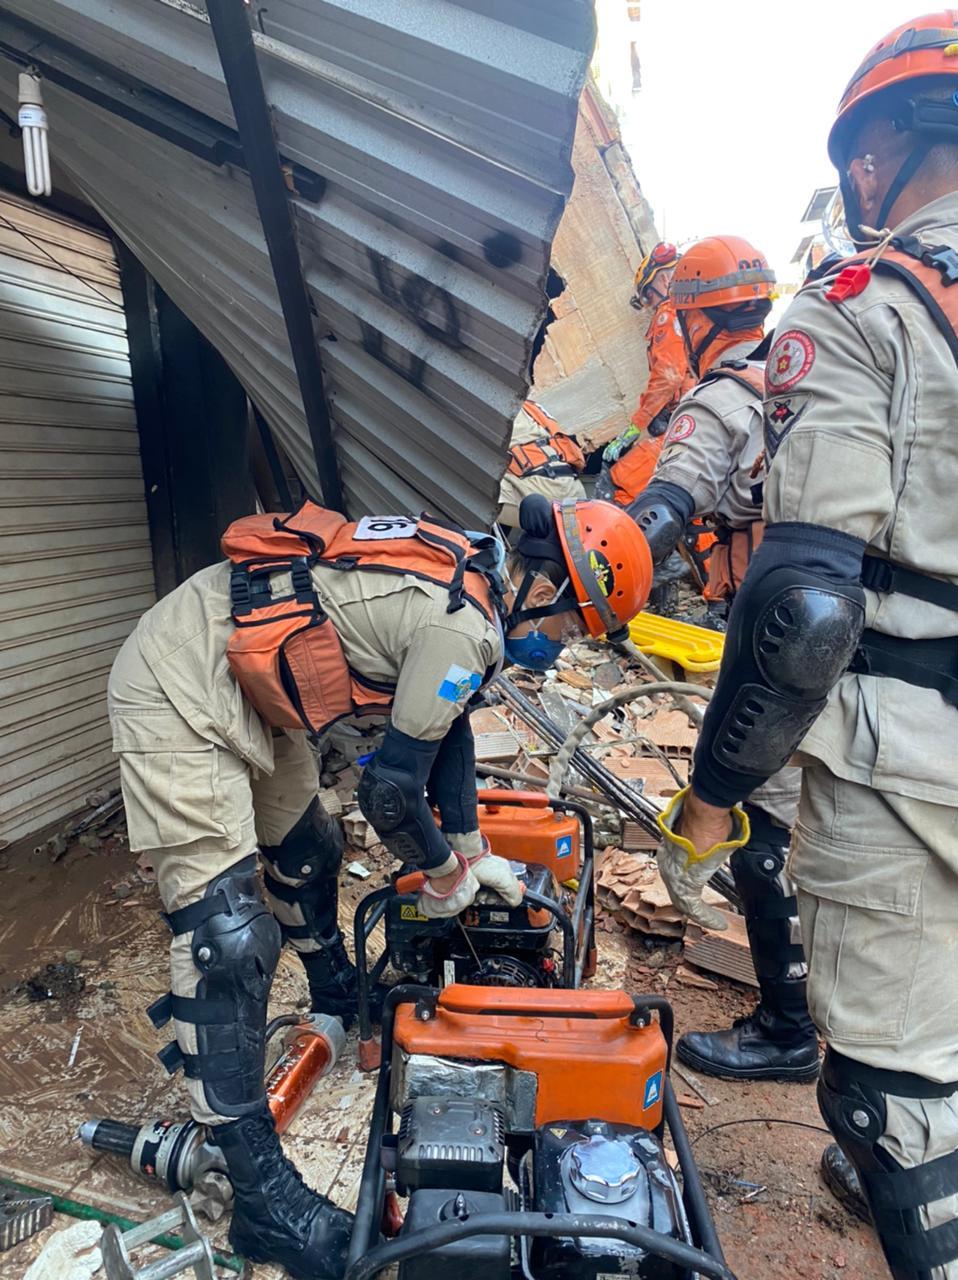 O Corpo de Bombeiros vasculha os escombros e tenta resgatar pessoas que ainda estão sob os escombros de um prédio residencial que desabou, nesta quinta-feira (3) - CBMR/Divulgação/ND